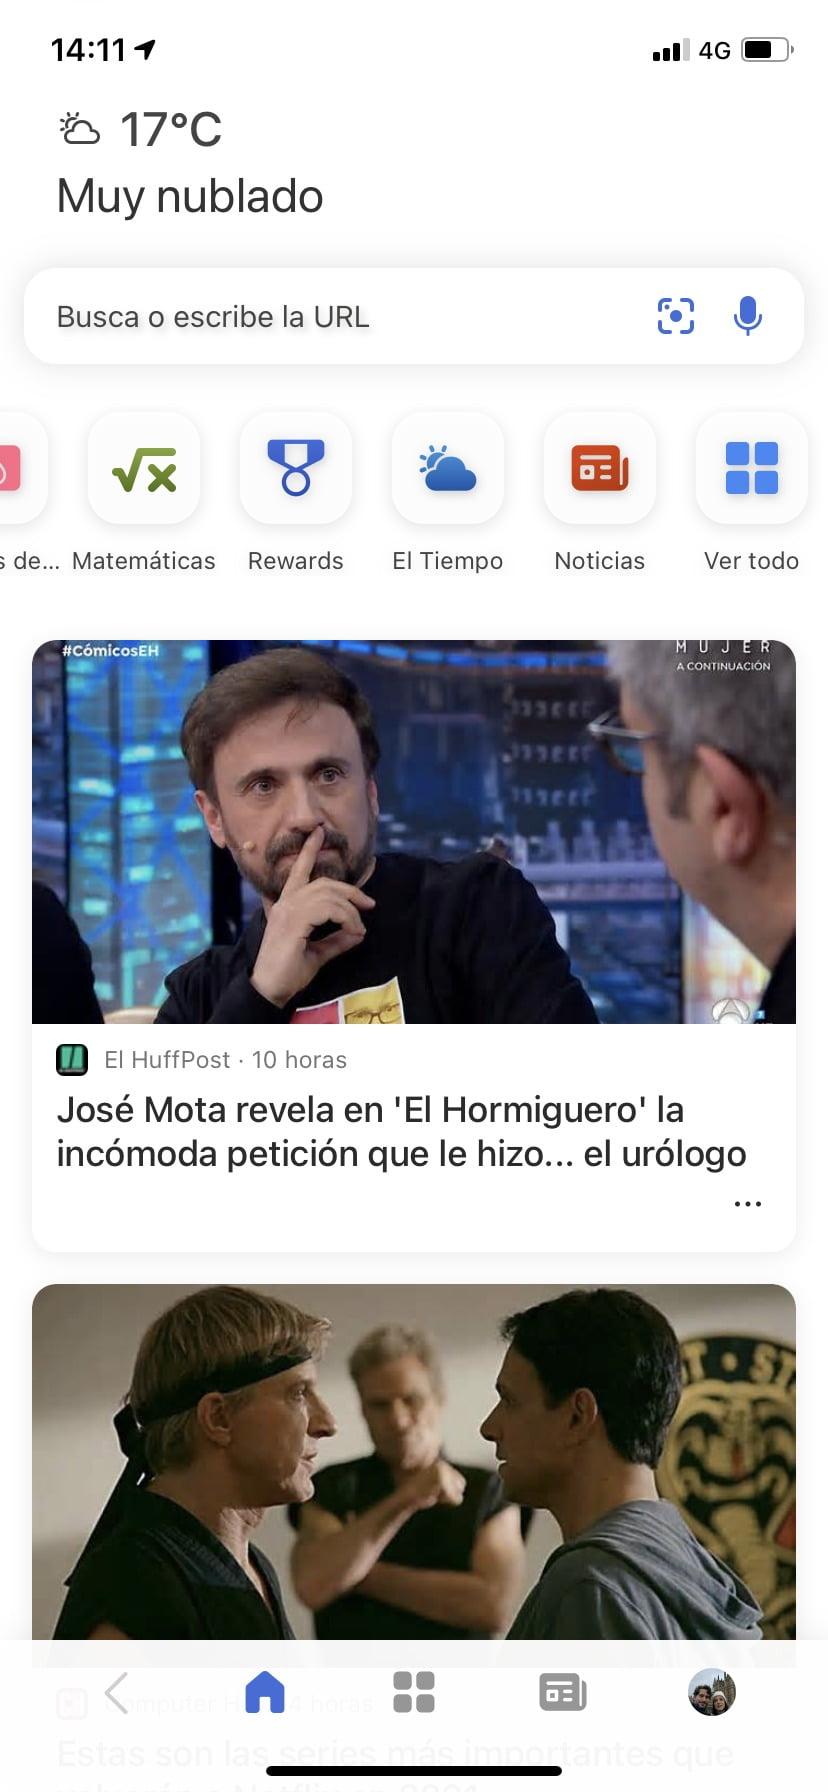 El nuevo diseño de Microsoft News